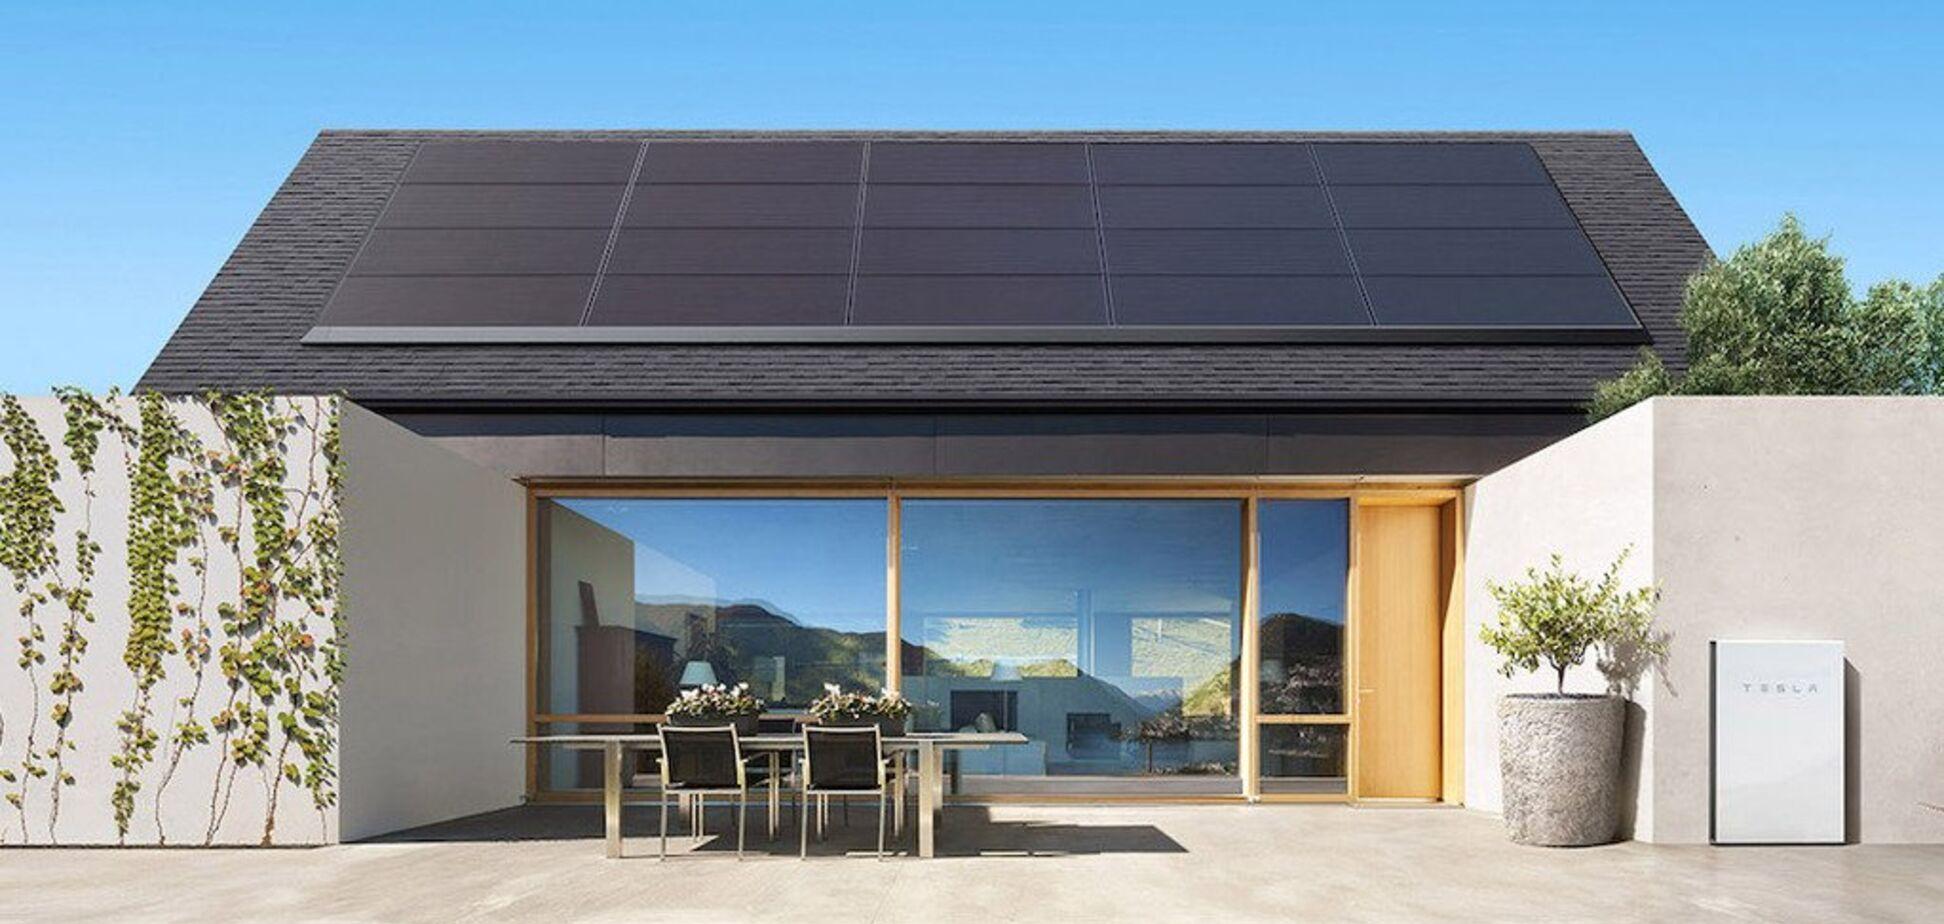 Забути про рахунки за електрику: Tesla показала надпотужну сонячну станцію X-Large